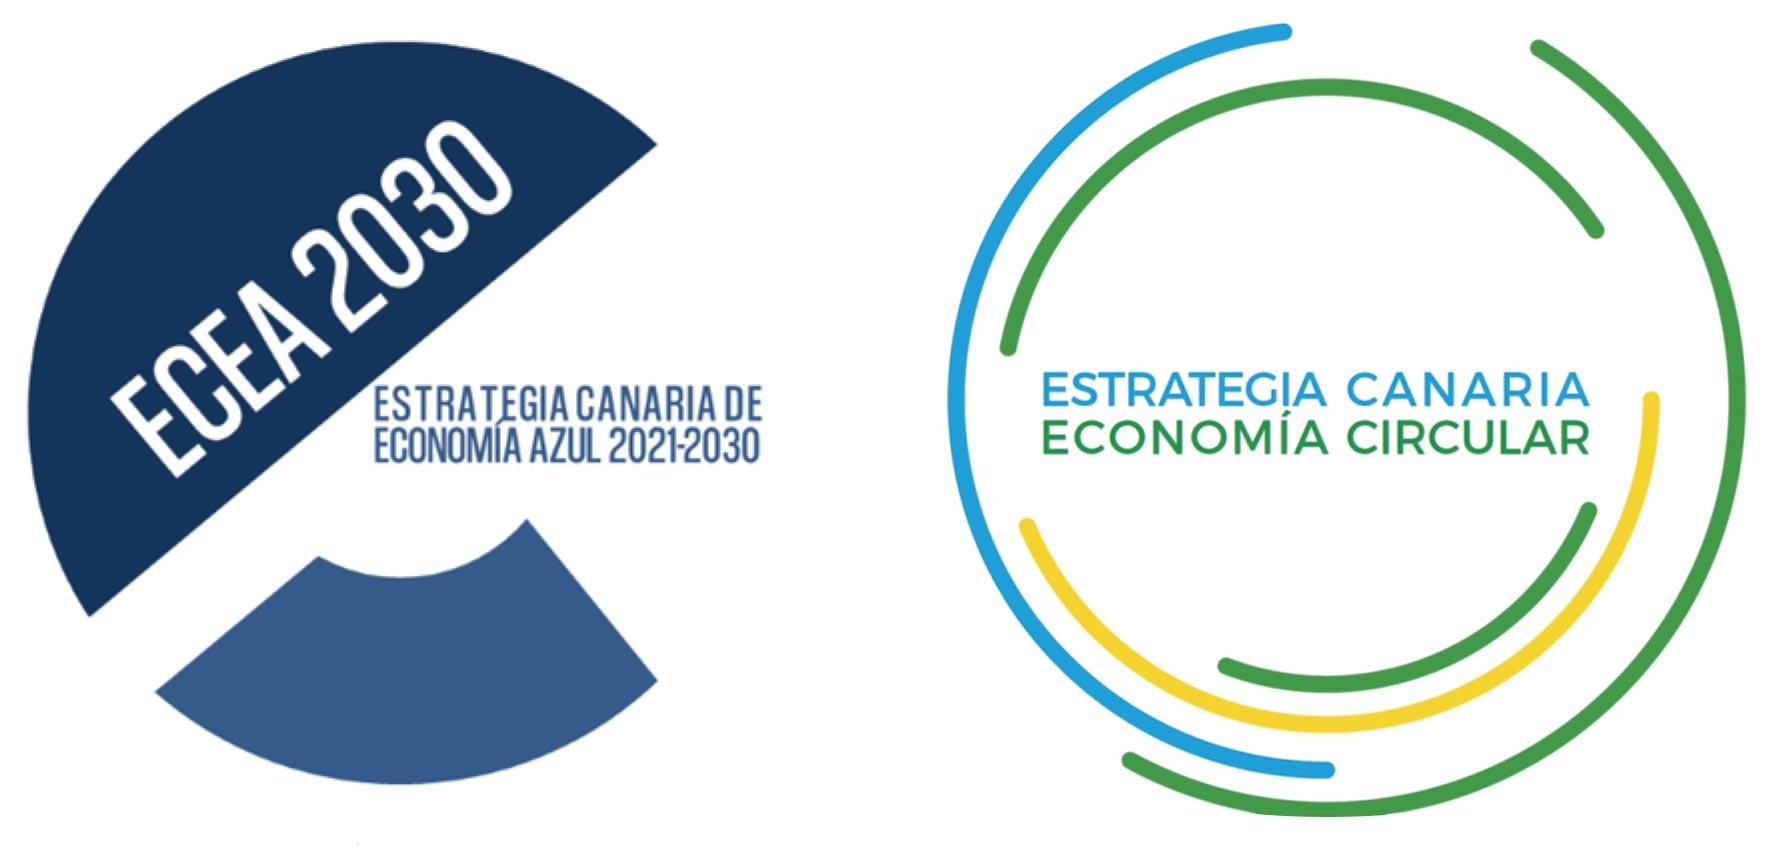 Estrategias Economía Azul y Circular